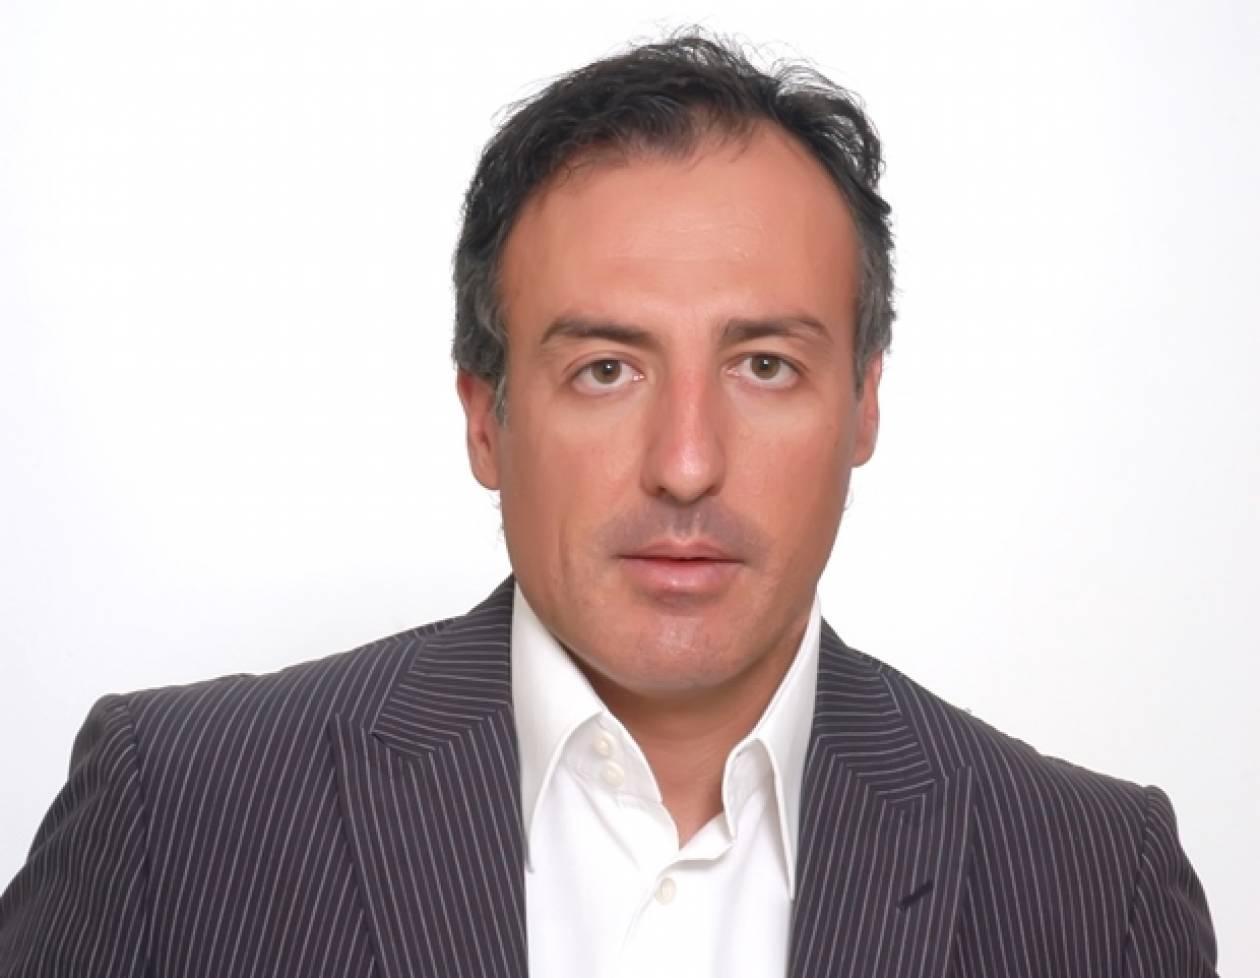 Ο Γιώργος Καλογεράκης υποψήφιος δημοτικός σύμβουλος Αθηναίων